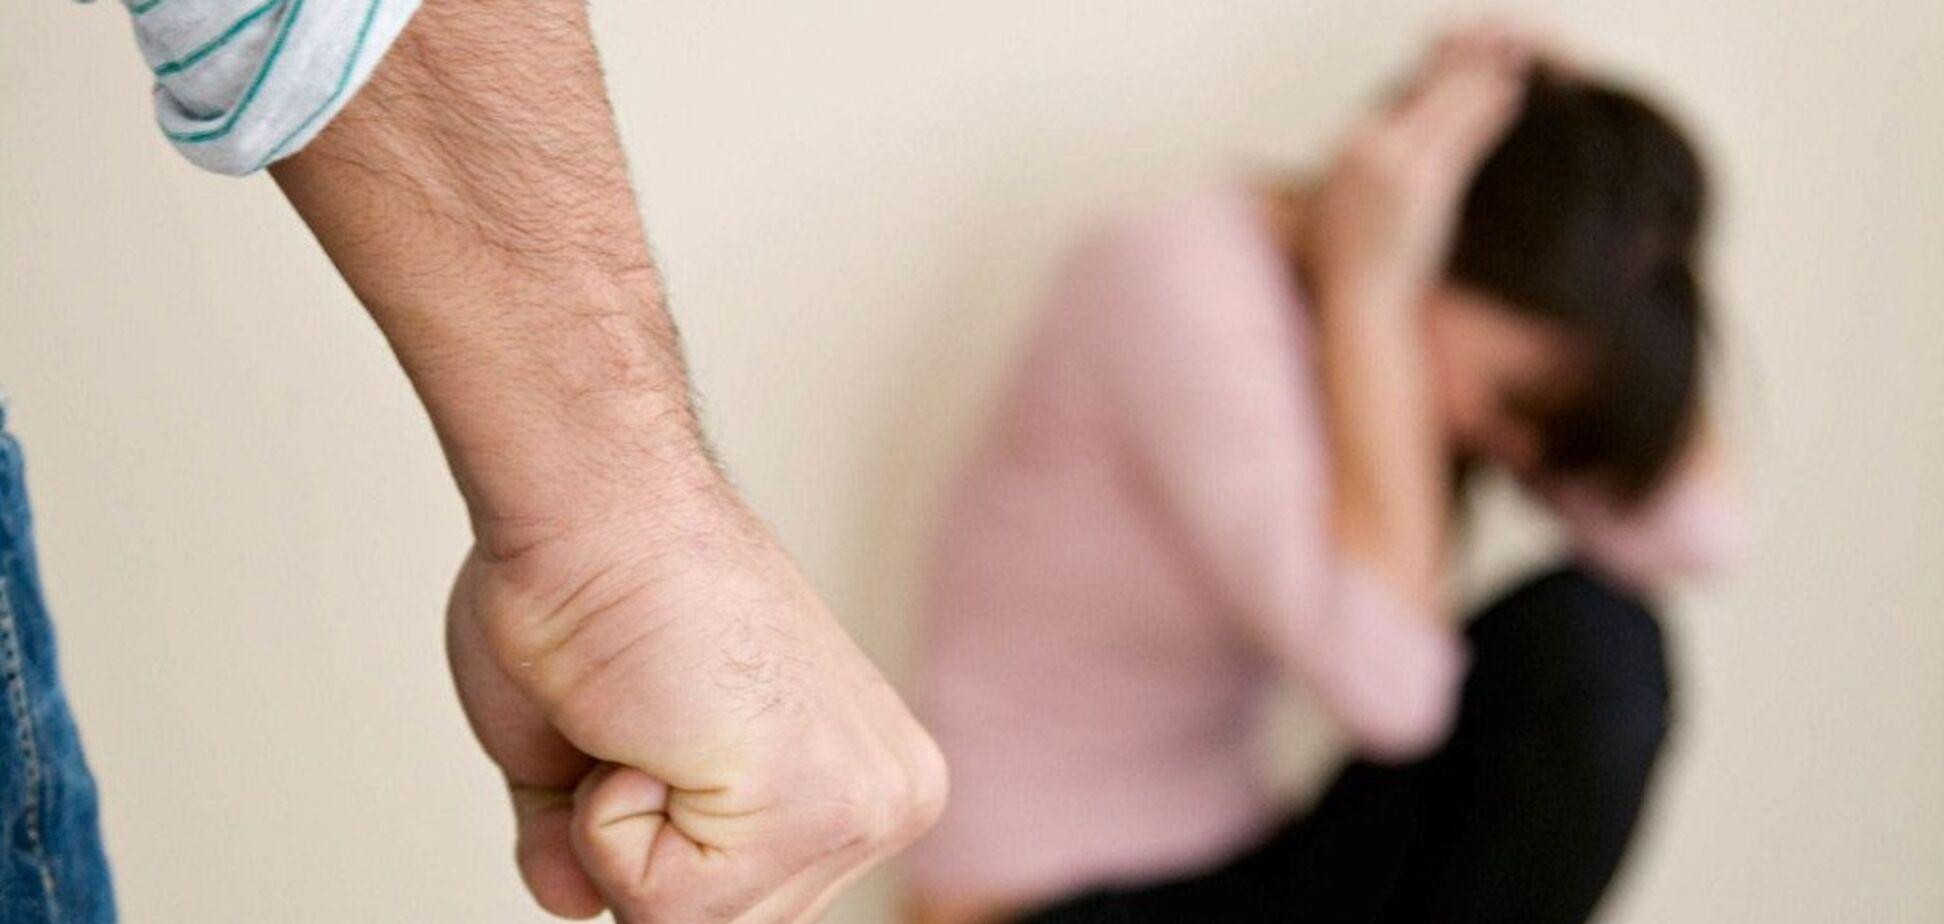 Син застав батька за сексом із сестрою: Полтавщину сколихнув страшний злочин